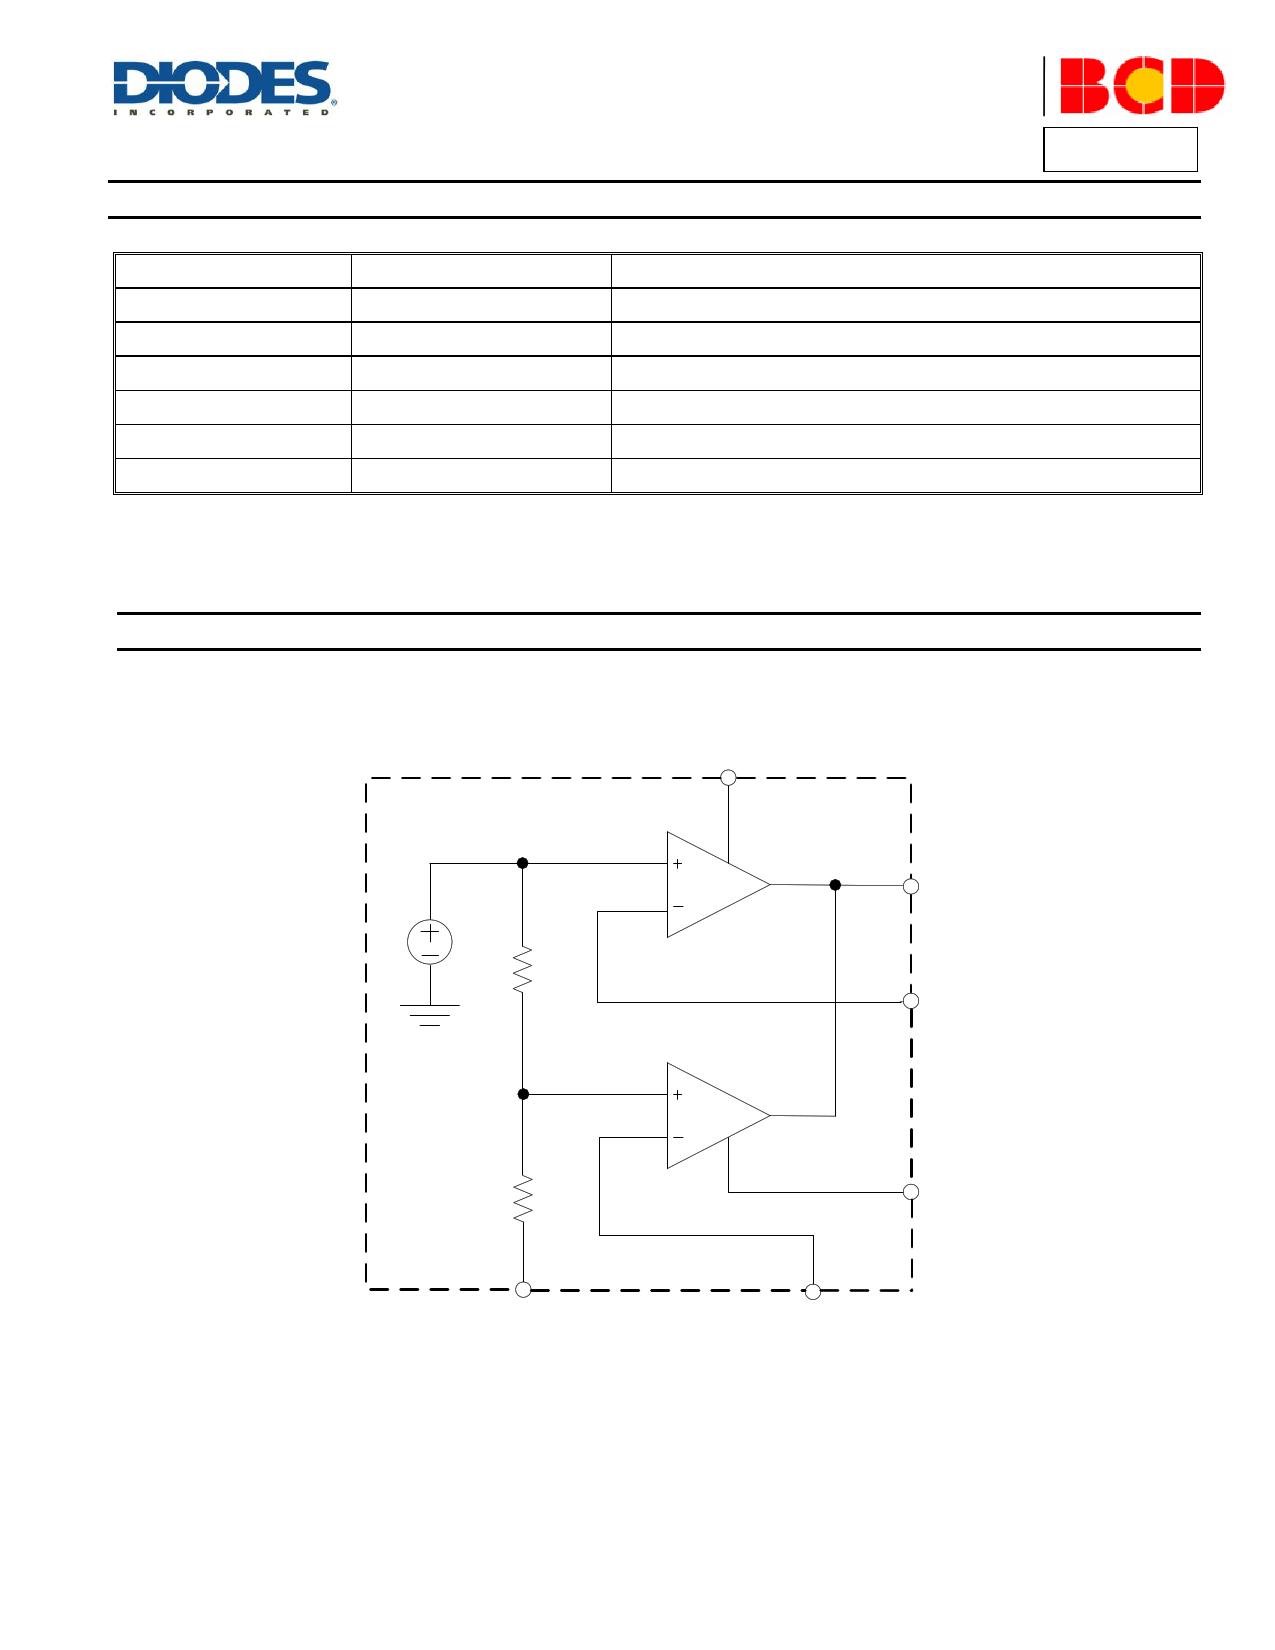 AP4313 pdf, 電子部品, 半導体, ピン配列